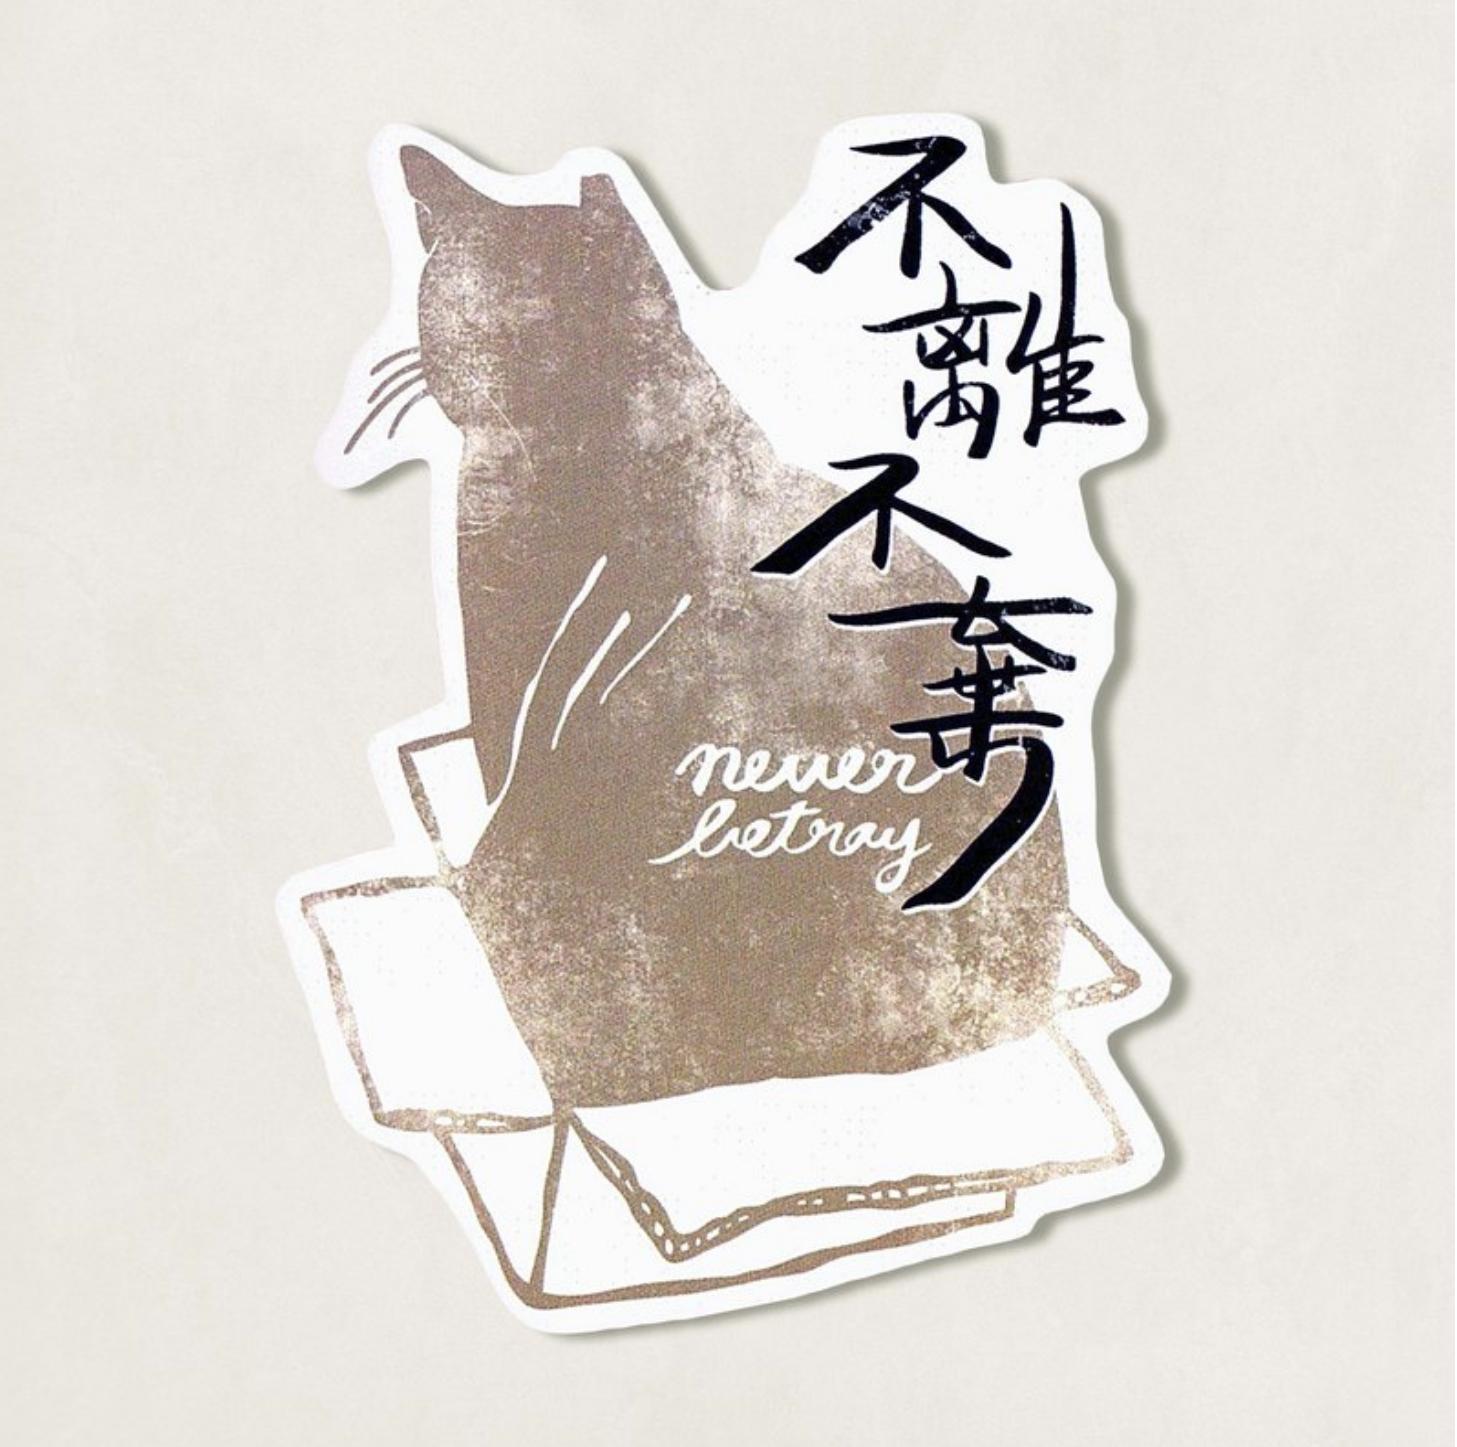 動物 murmur。手寫防水貼紙